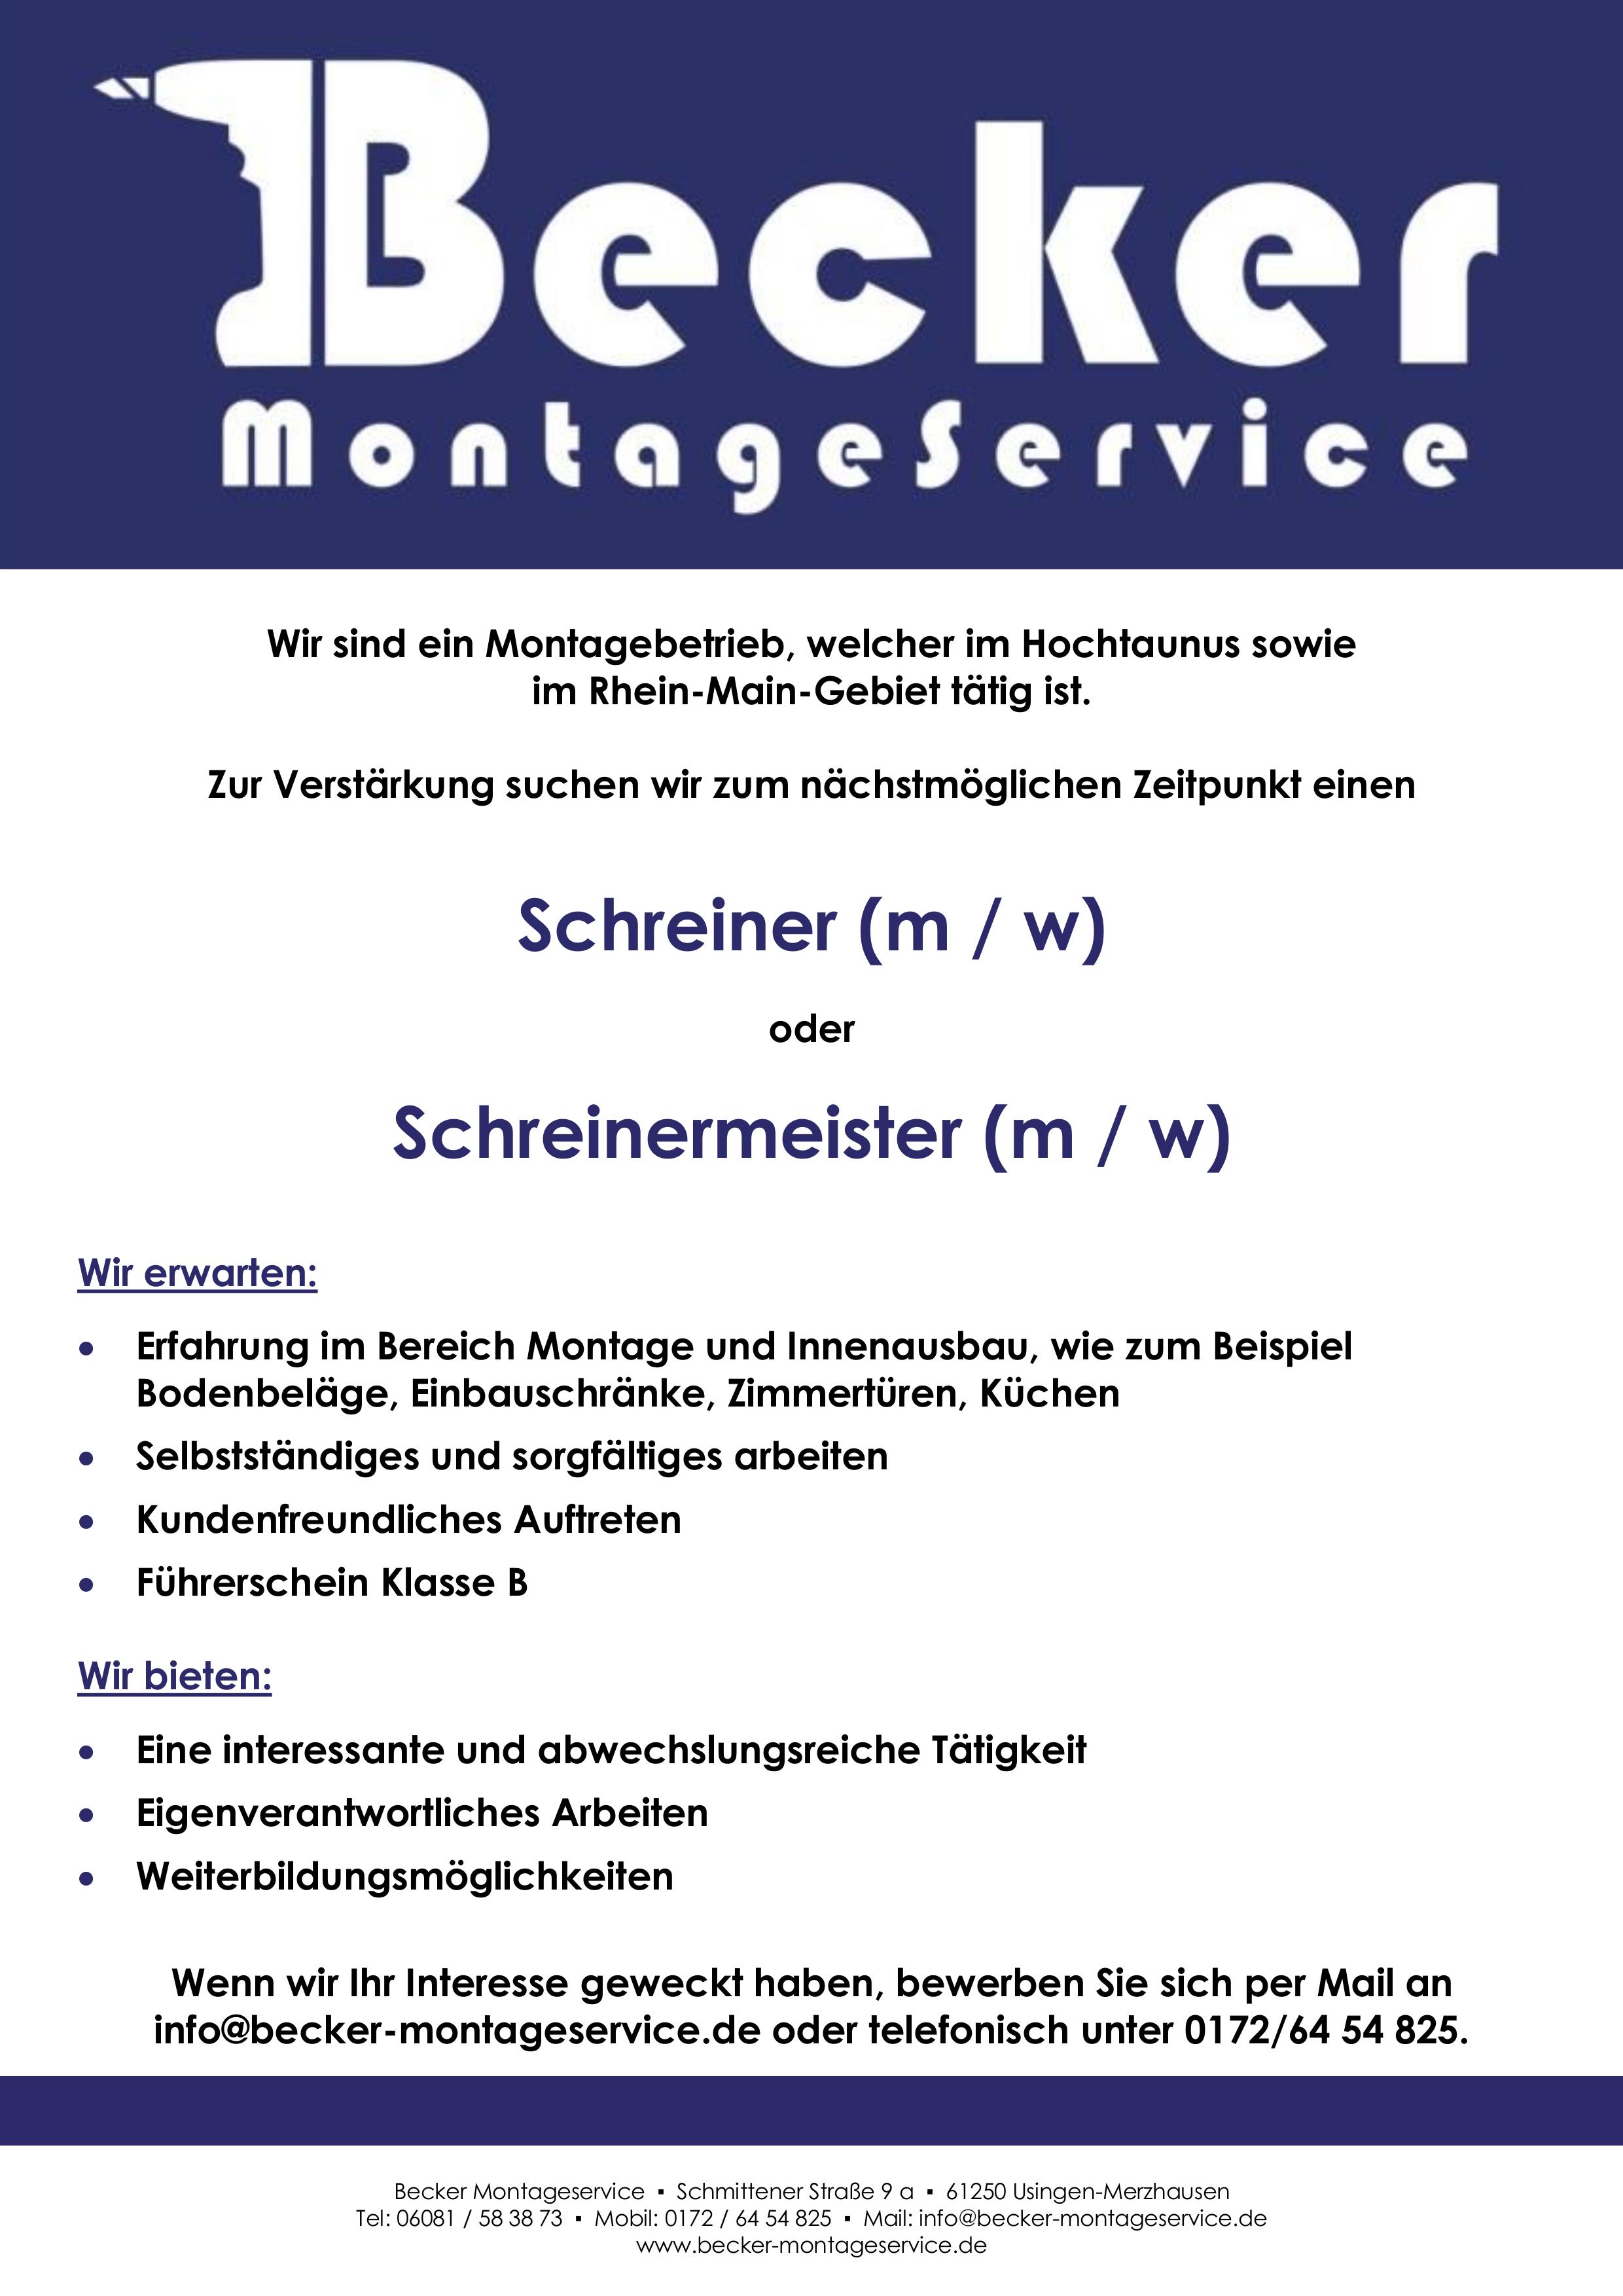 Stellenangebot: Wir suchen einen Schreiner oder Schreinermeister, KLICK für PDF